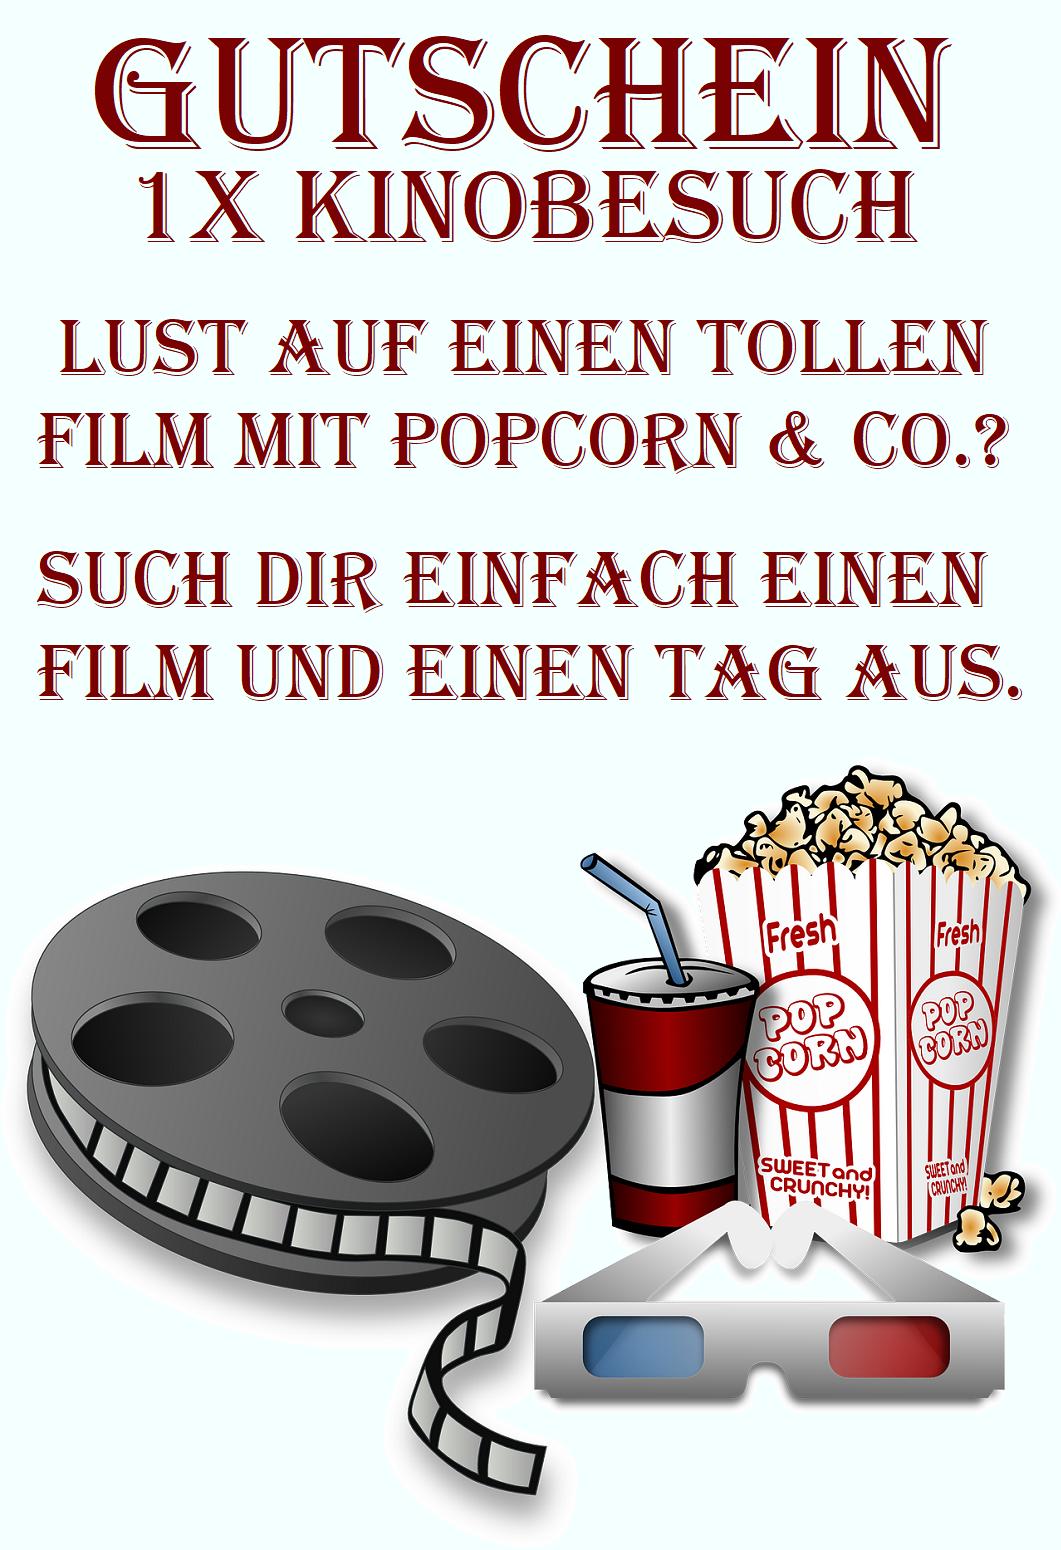 Kinobesuch Gutscheinvorlagen Downloaden Verschenken